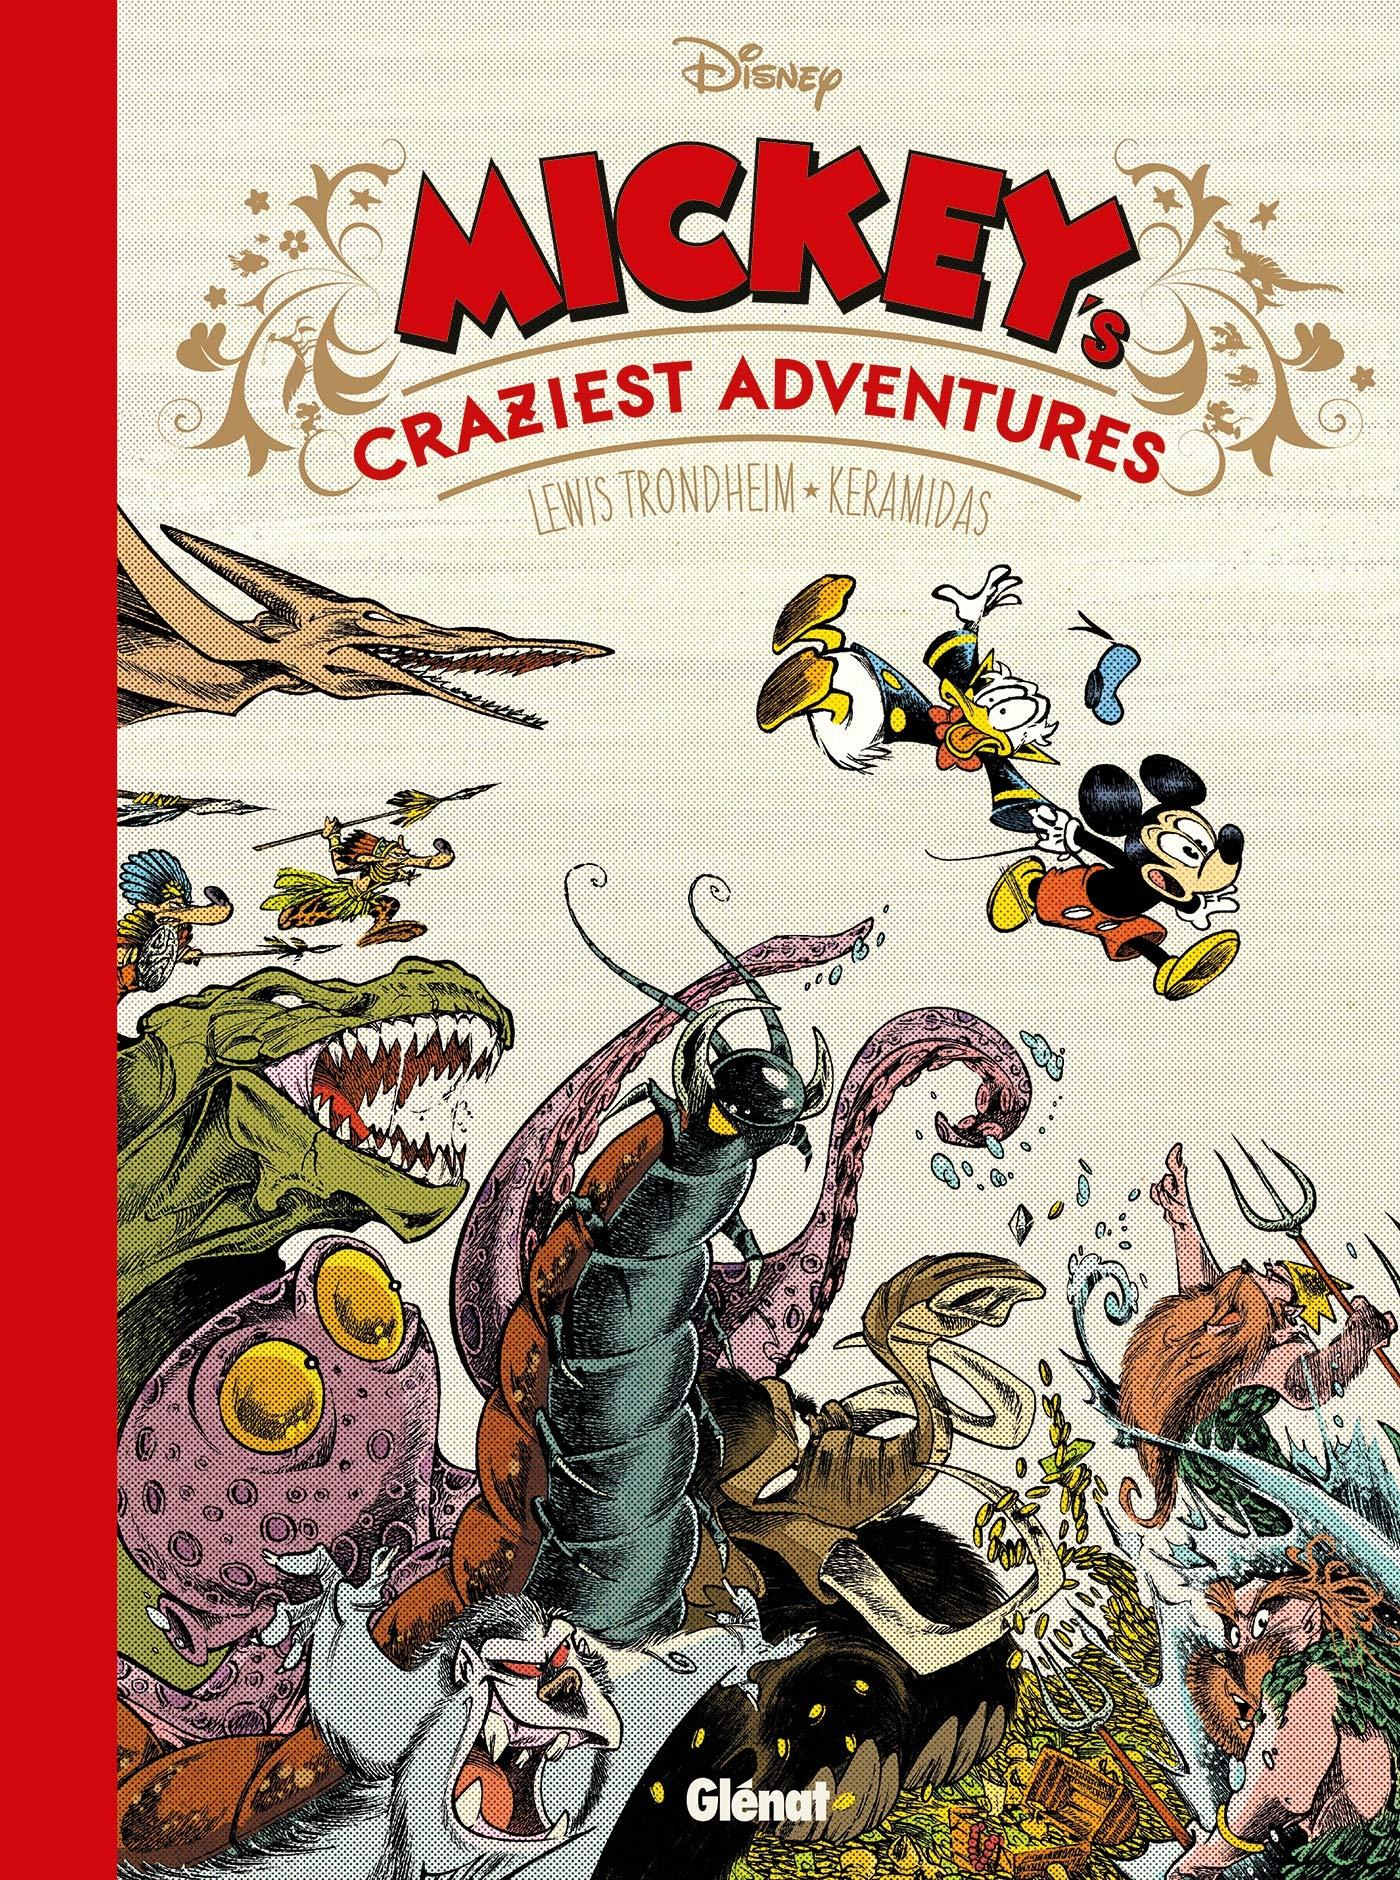 Mickey's Craziest Adventures 1 - Mickey's Craziest Adventures